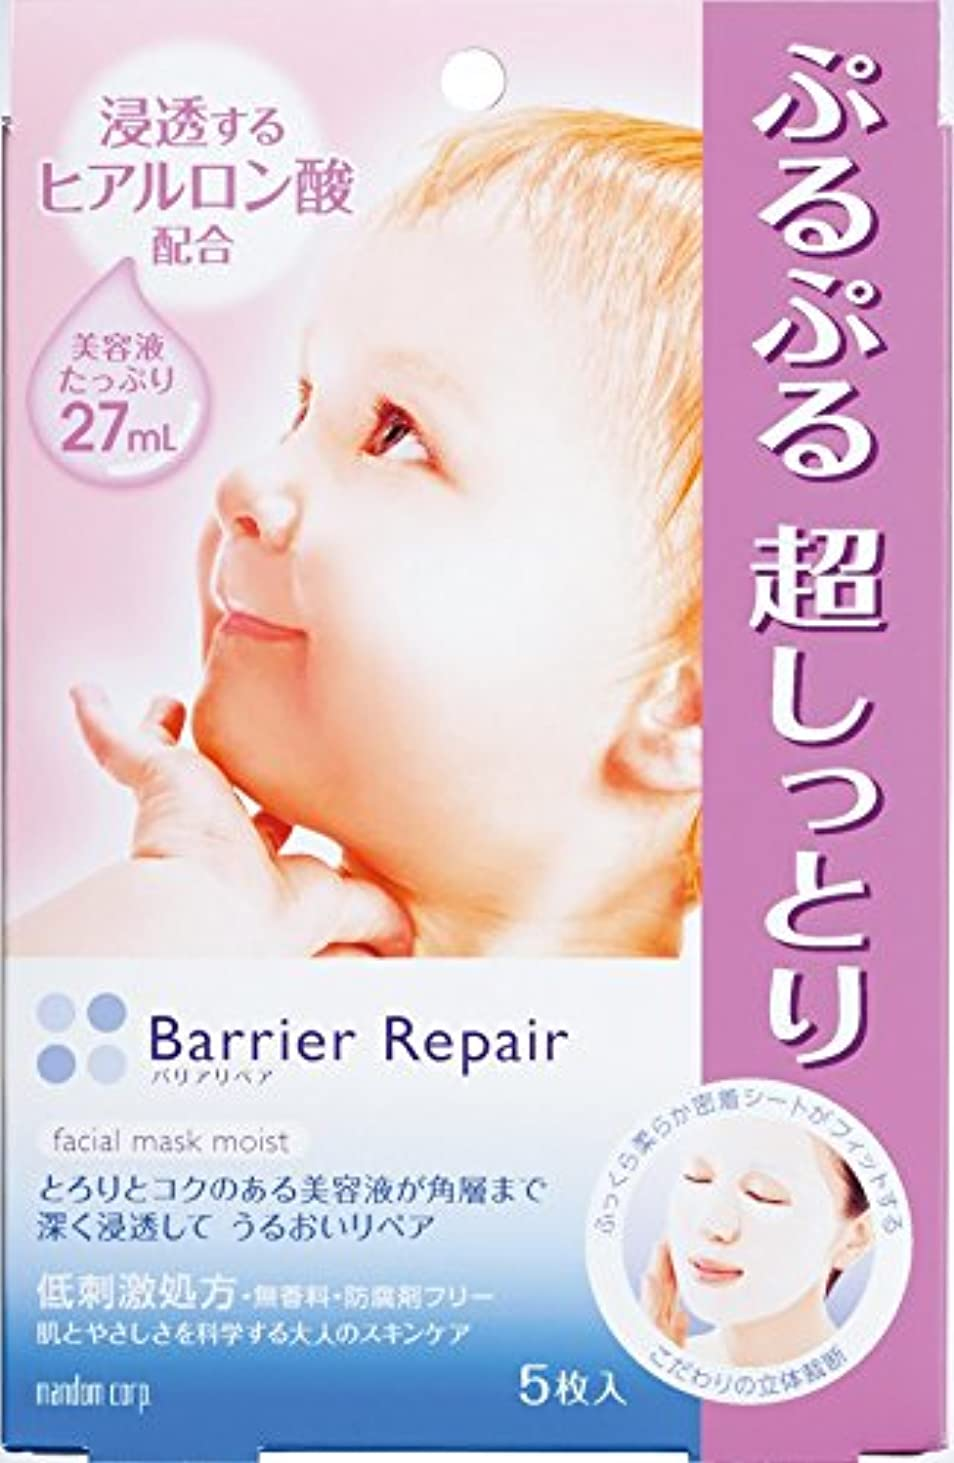 対抗スクリューなすBarrier Repair (バリアリペア) シートマスク (ヒアルロン酸)  ぷるぷる超しっとりタイプ 5枚